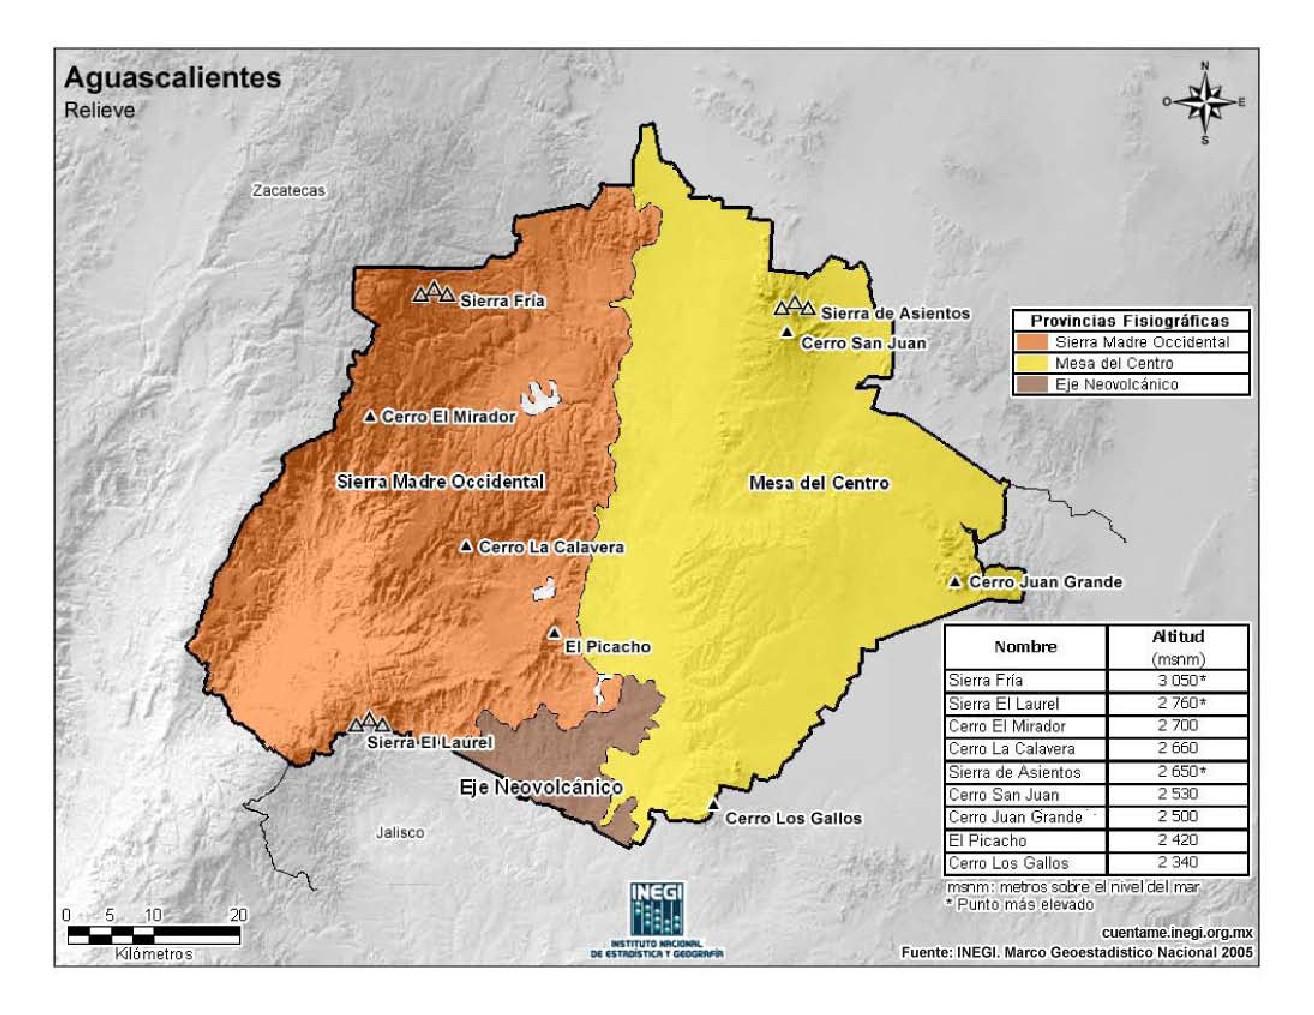 Mapa en color de montañas de Aguascalientes. INEGI de México